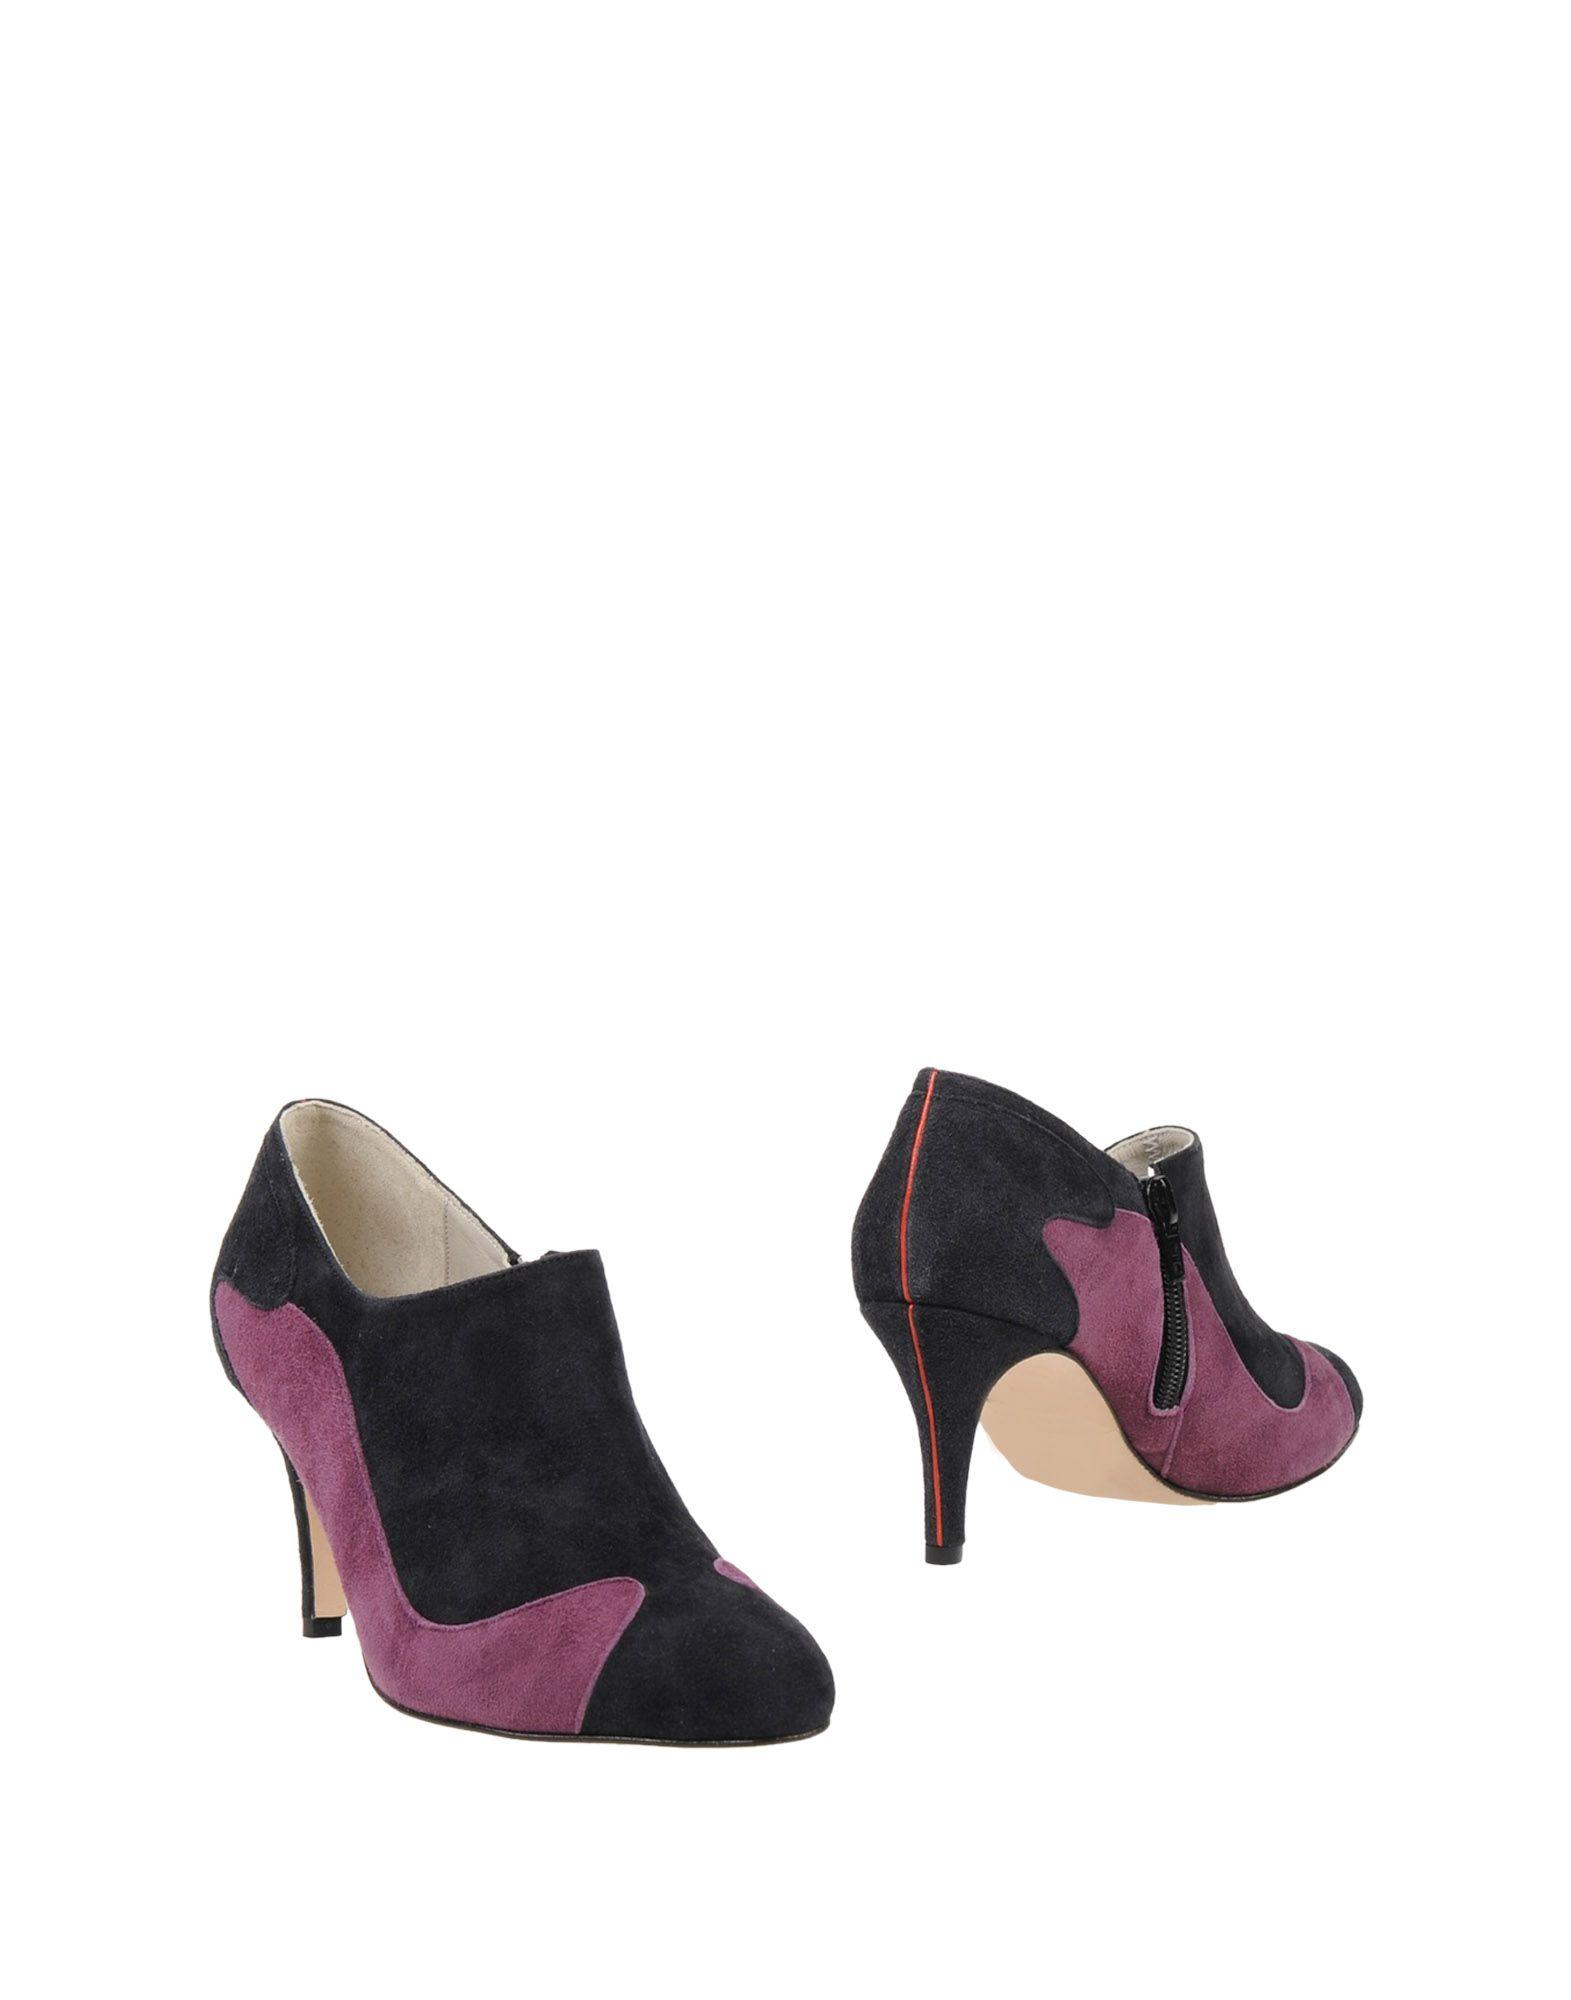 Fredmarzo Stiefelette Damen  11415143FV Gute Qualität beliebte Schuhe